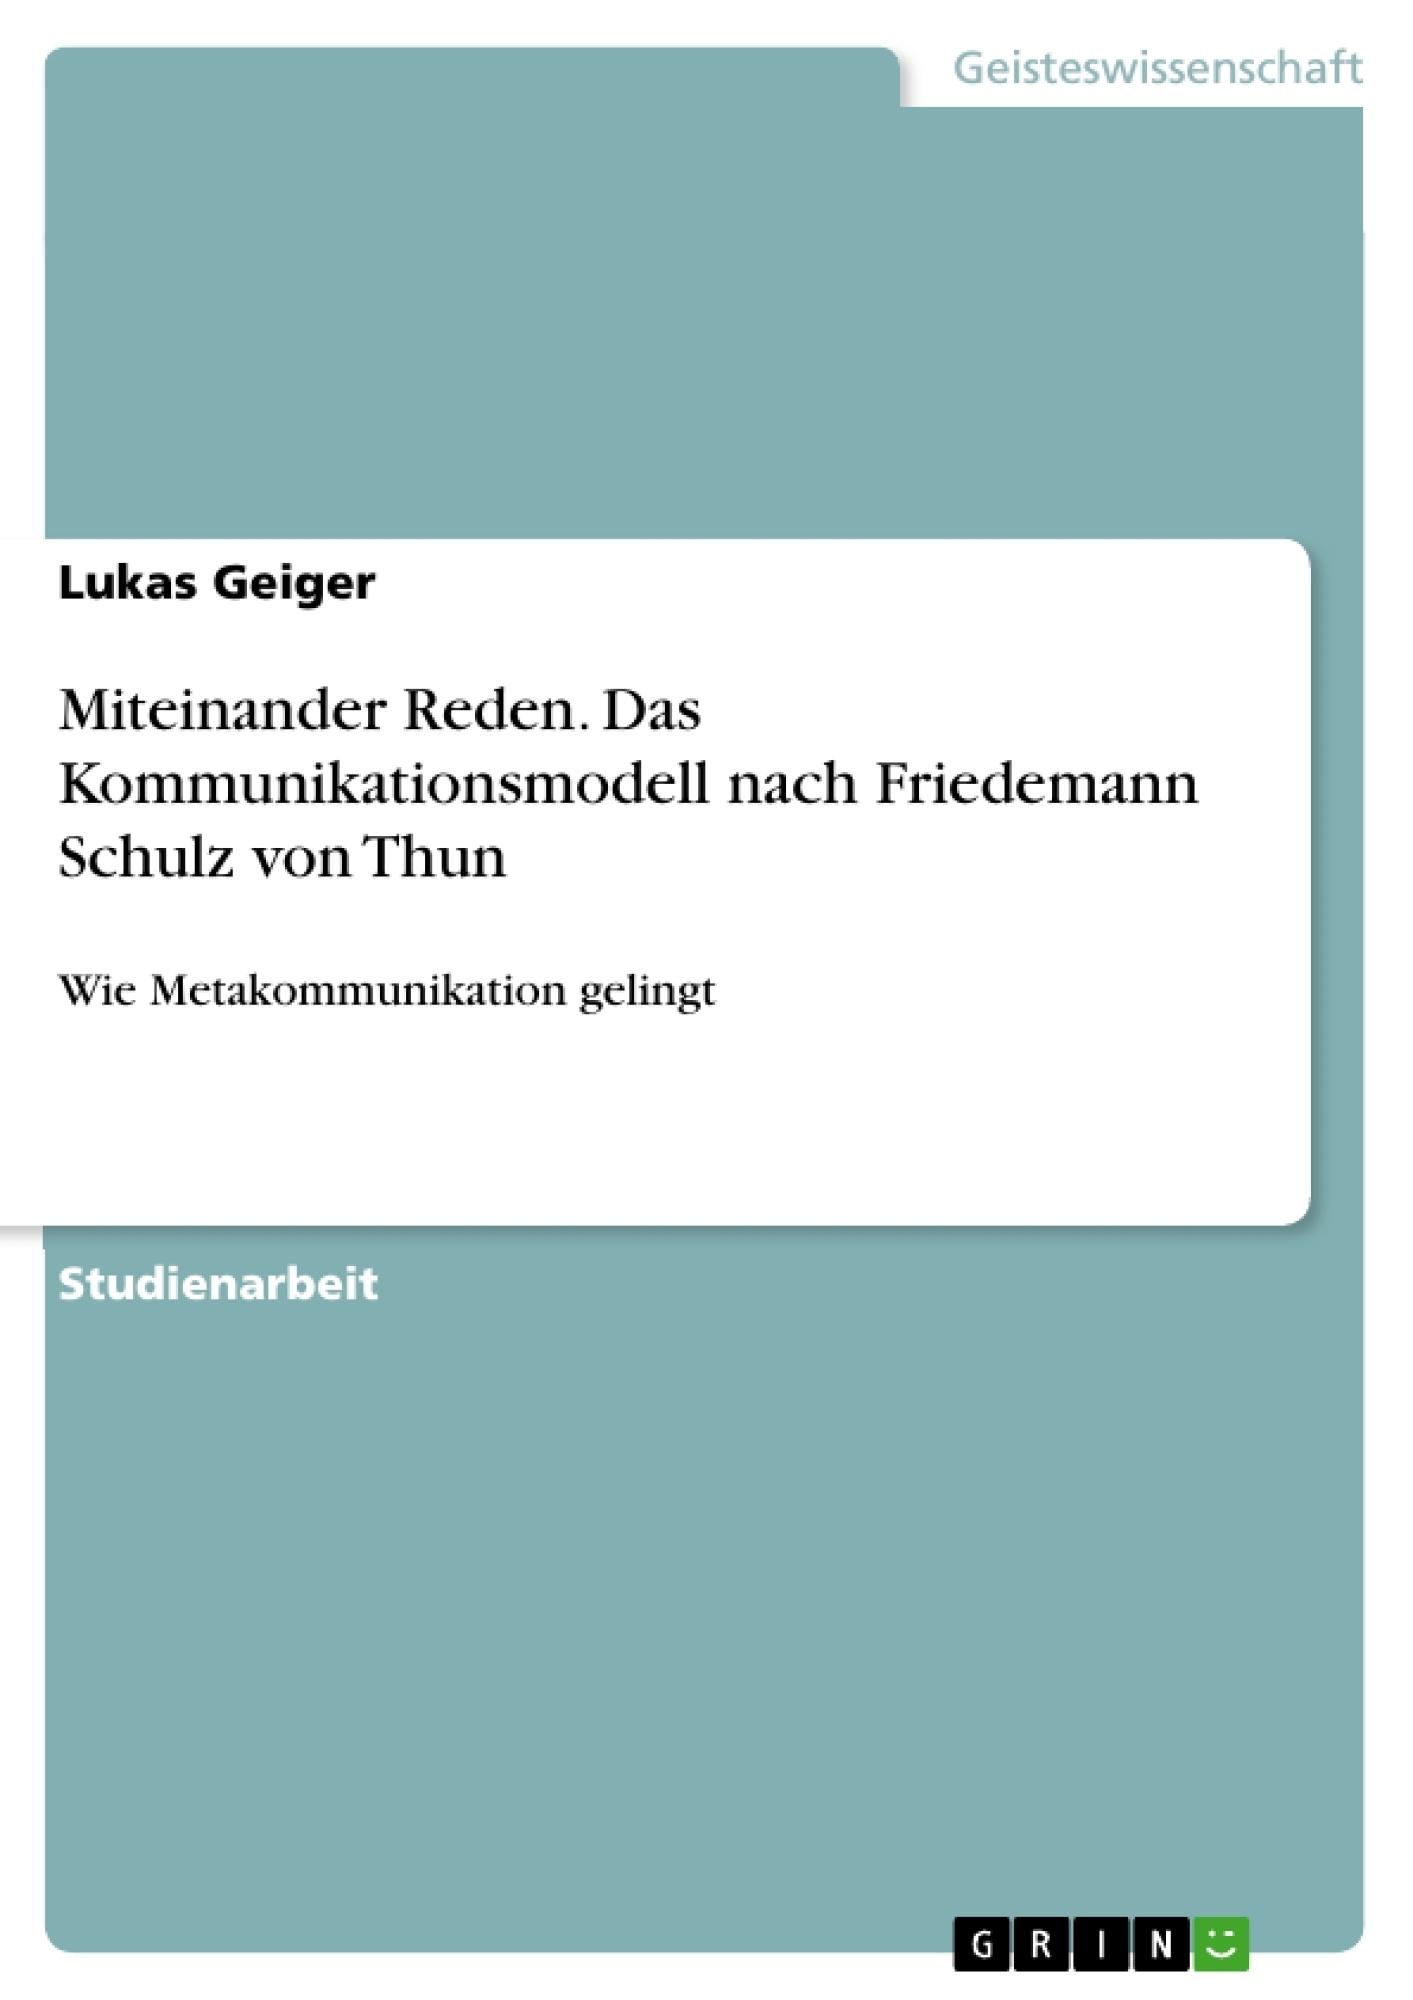 Titel: Miteinander Reden. Das Kommunikationsmodell nach Friedemann Schulz von Thun